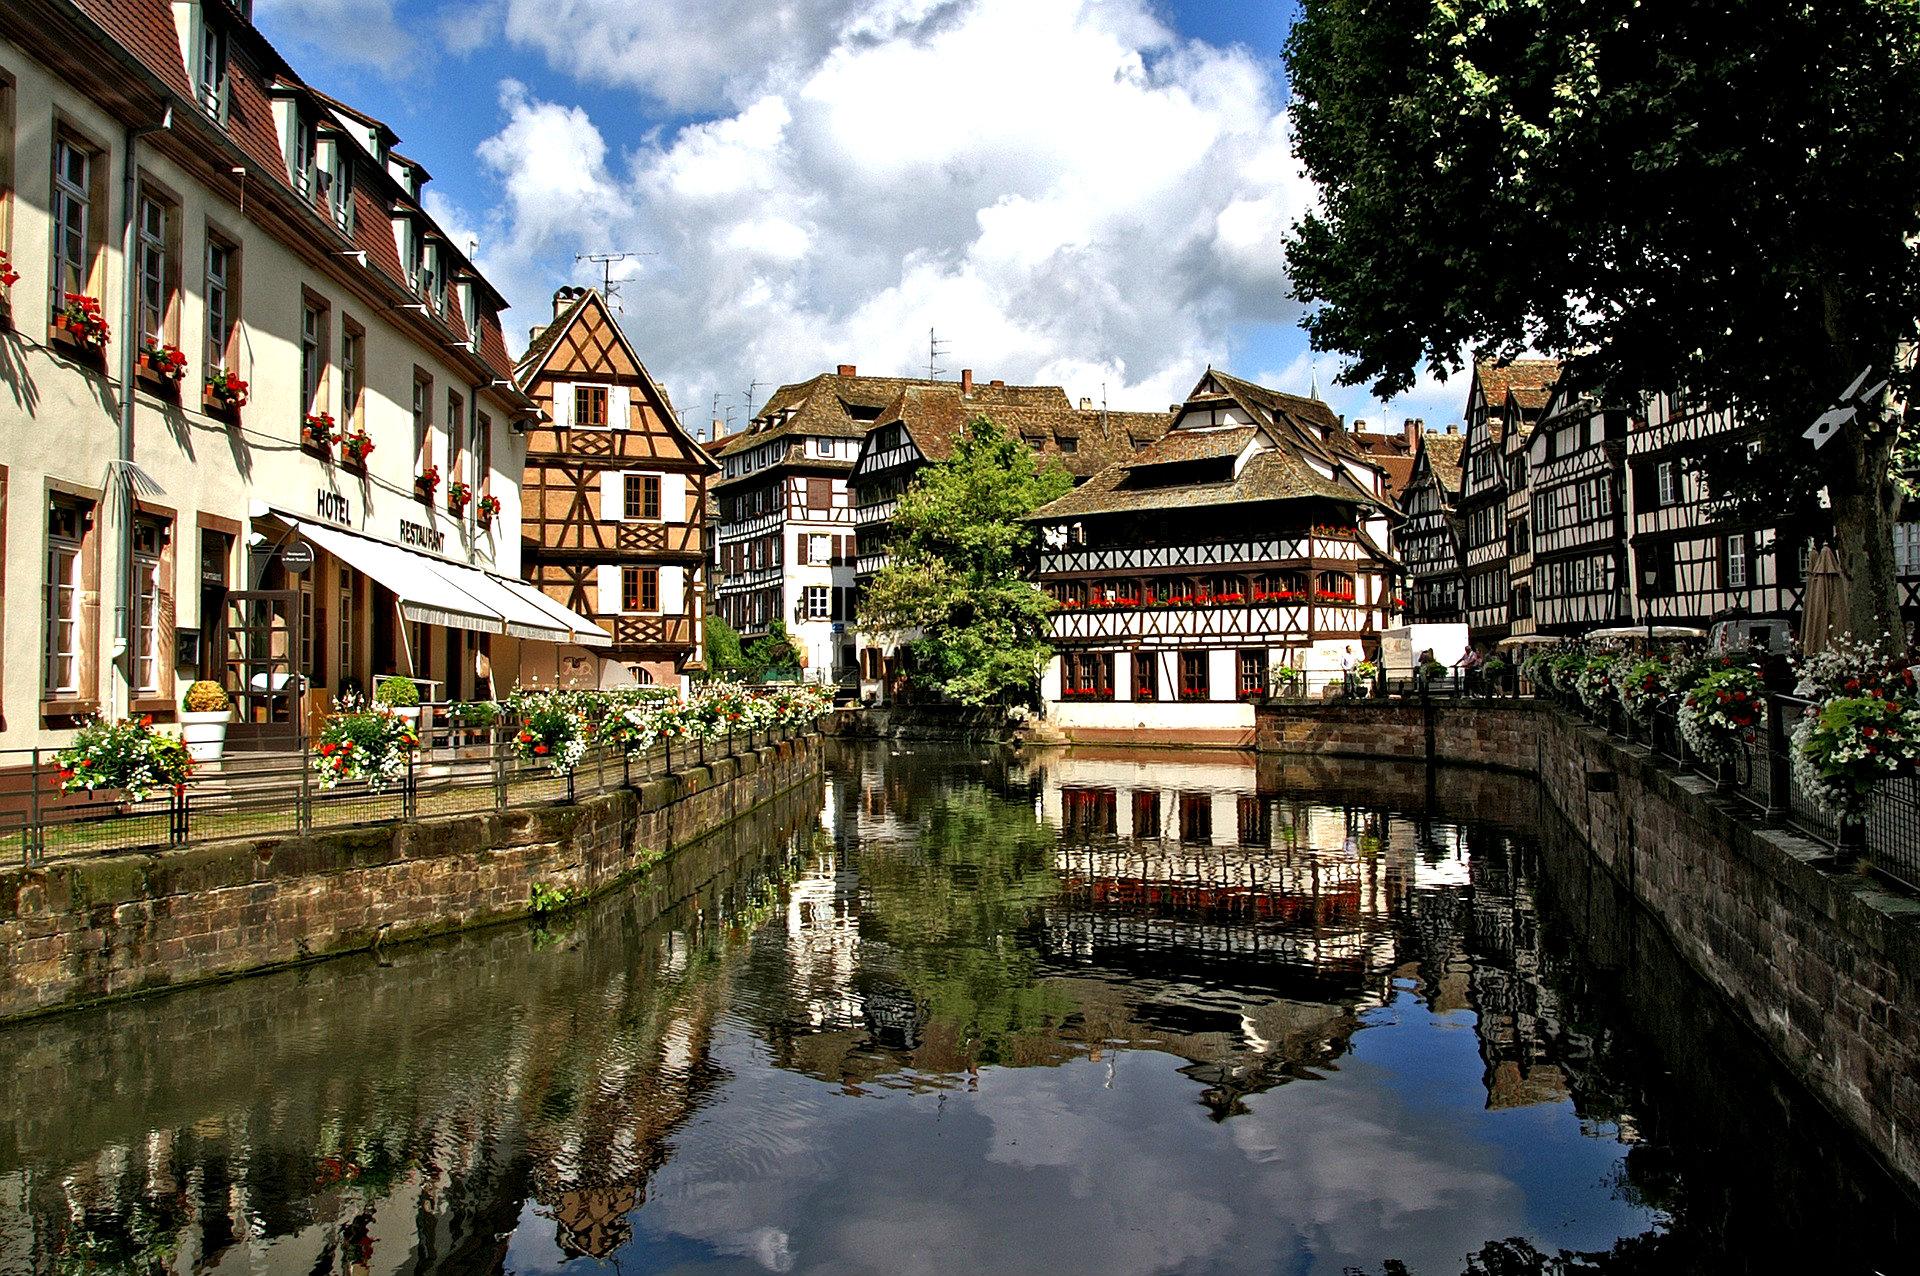 canal de alsacia - Francia